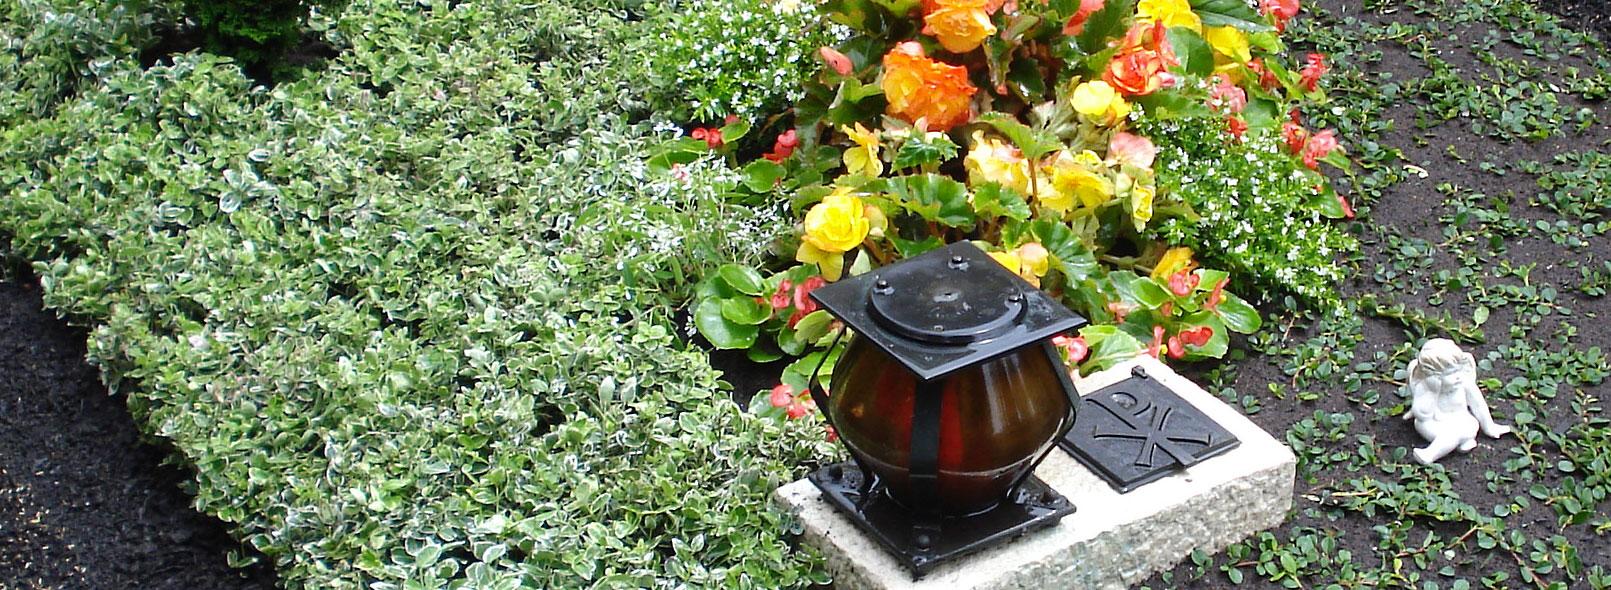 Jahres Grabpflege Michael Brumm Müchner Friedhof